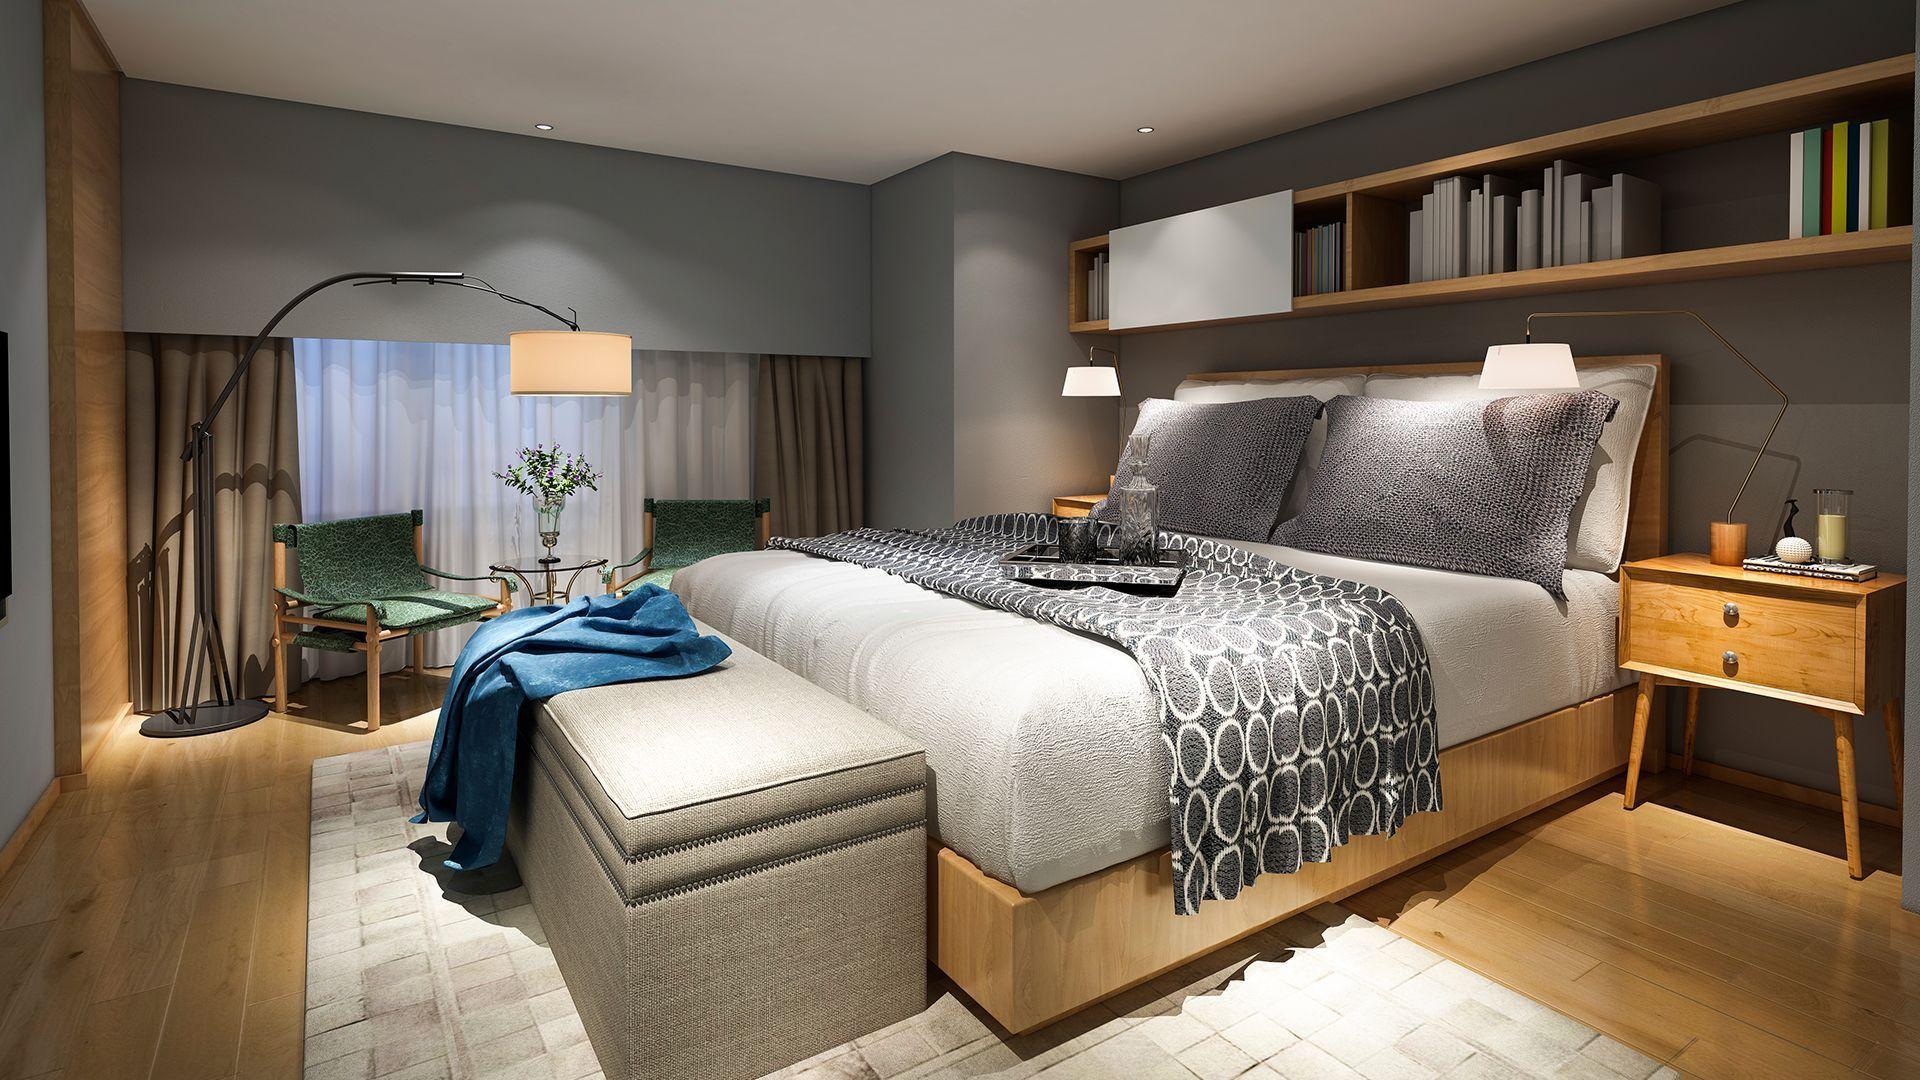 Nieuwe slaapkamer – interieuradvies in de regio Goes, Middelburg en ...